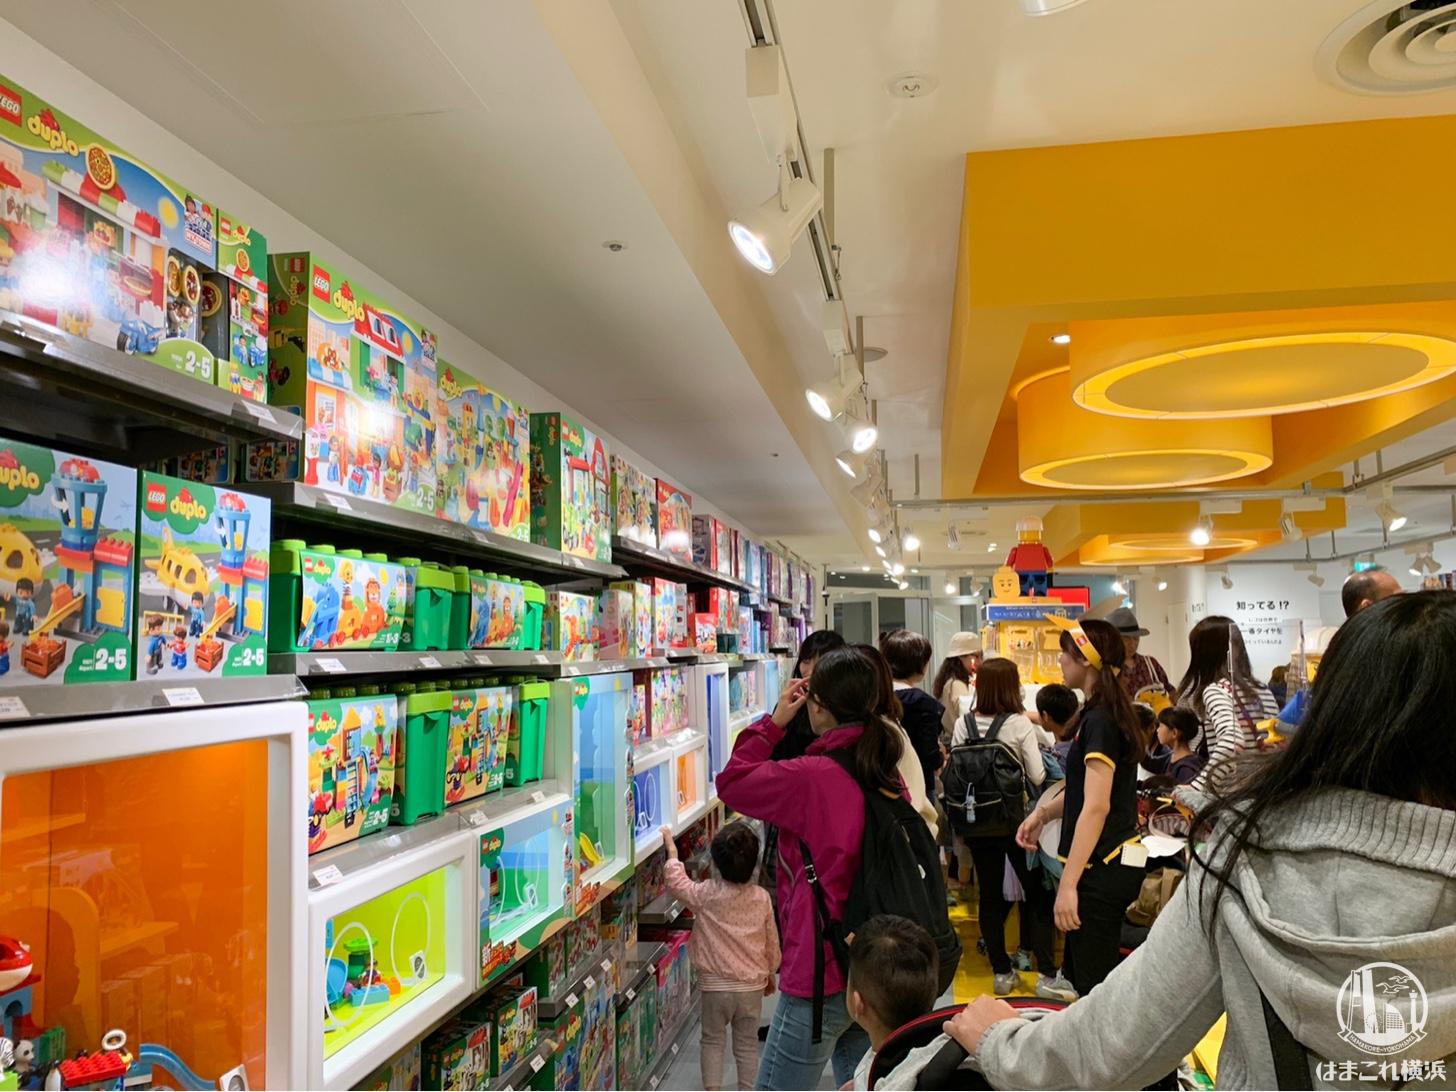 レゴストア 横浜ランドマークプラザ店 店内とレゴブロックのオブジェ